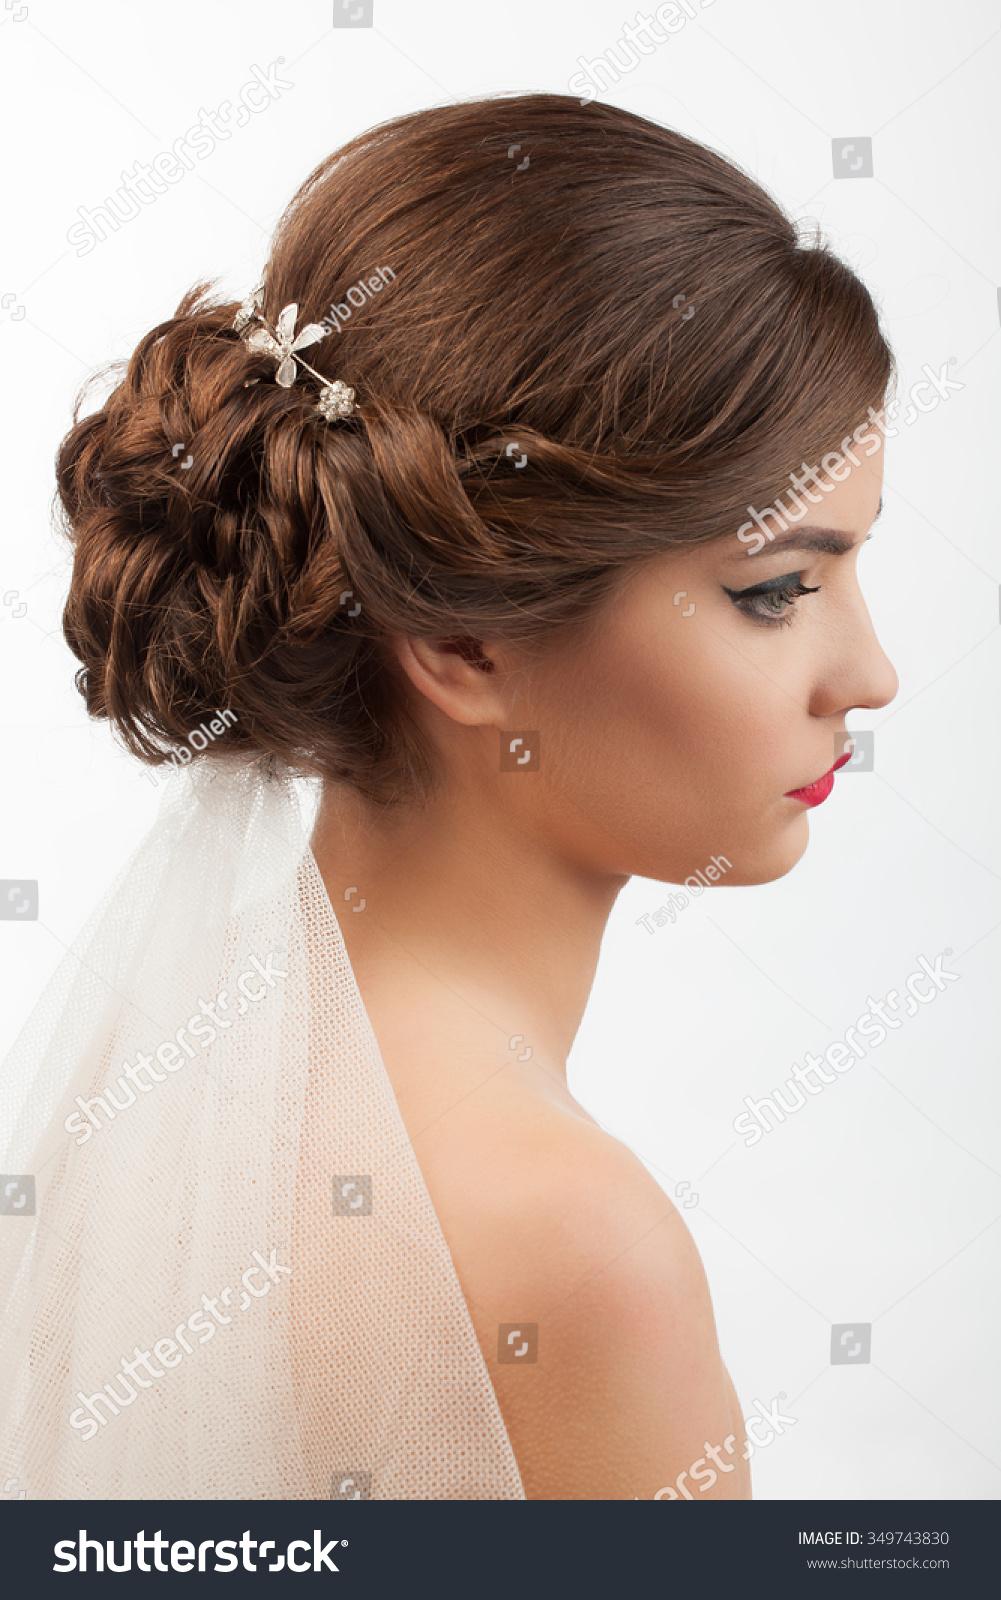 Bride Wedding Hairstyle Veil On White Stock Photo 349743830 ...